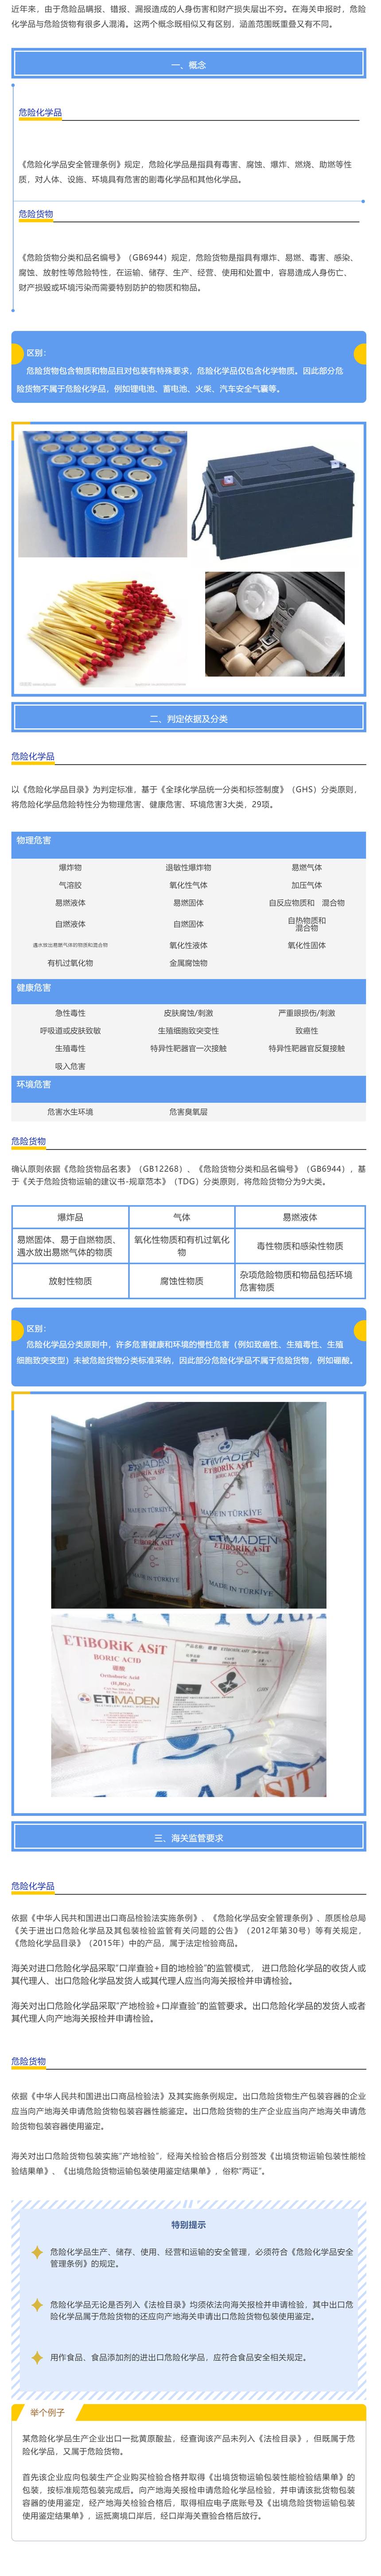 危险化学品与危险货物.png